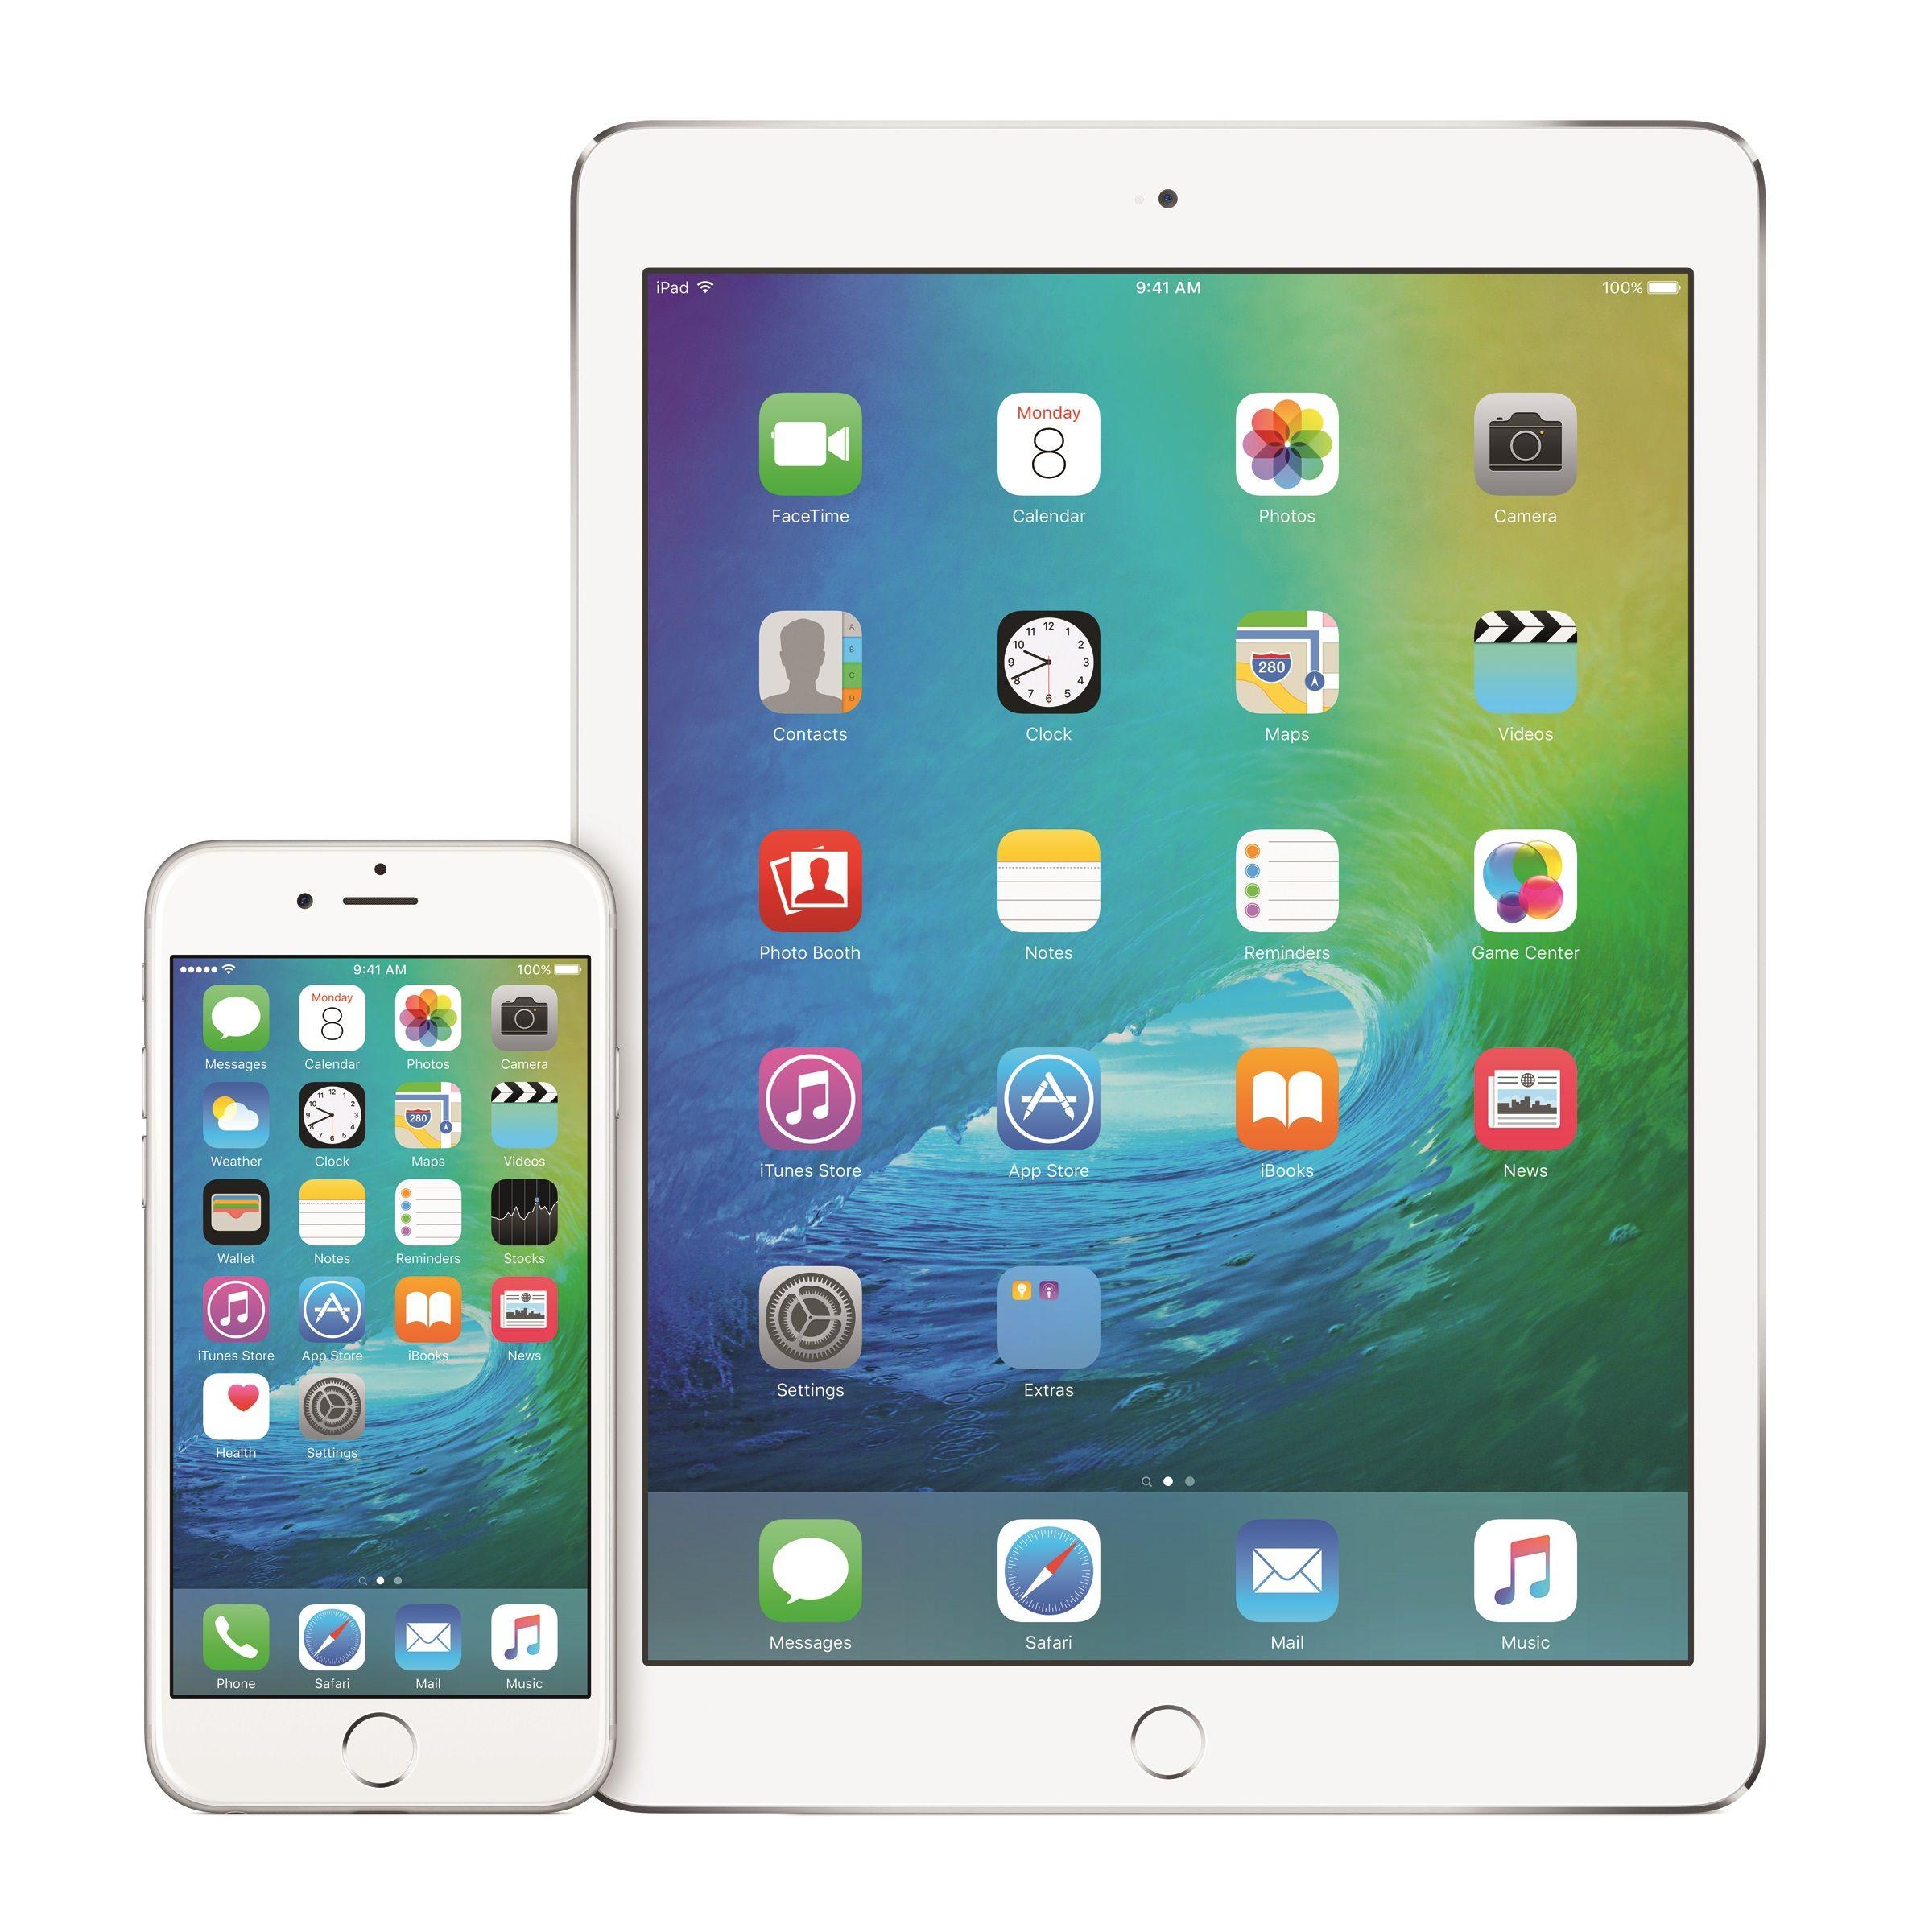 Vers un détournement du marché de la publicité par les GAFA sous couvert de protection de la vie privée : l'iOS 11 d'Apple est-il anti-concurrentiel ?